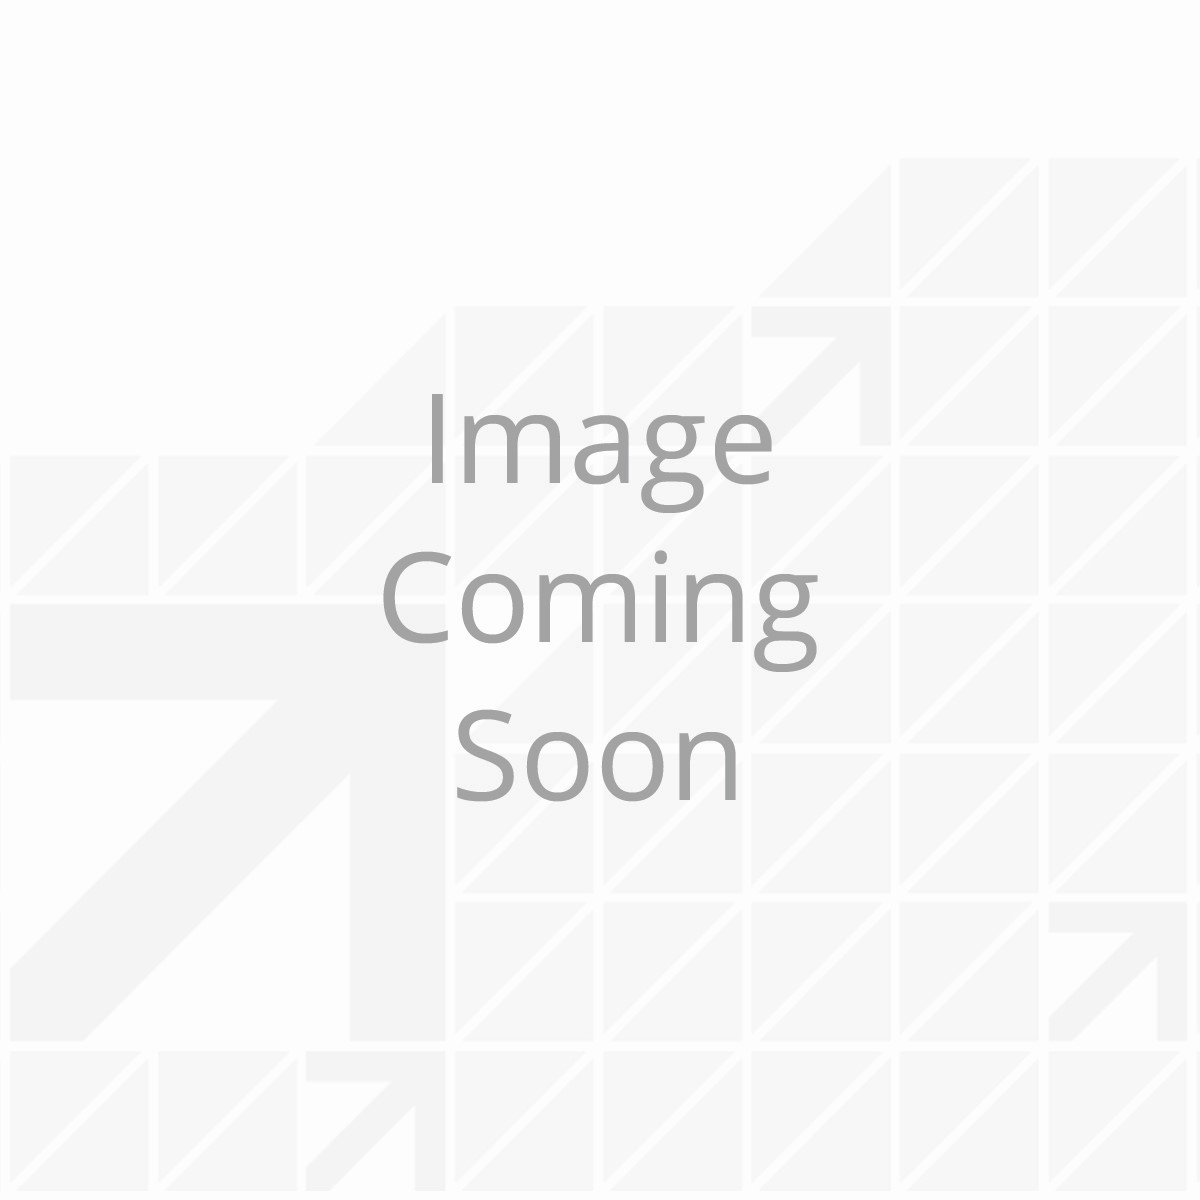 Flex-Air Pinbox W/ Long Tow; L05, 18K